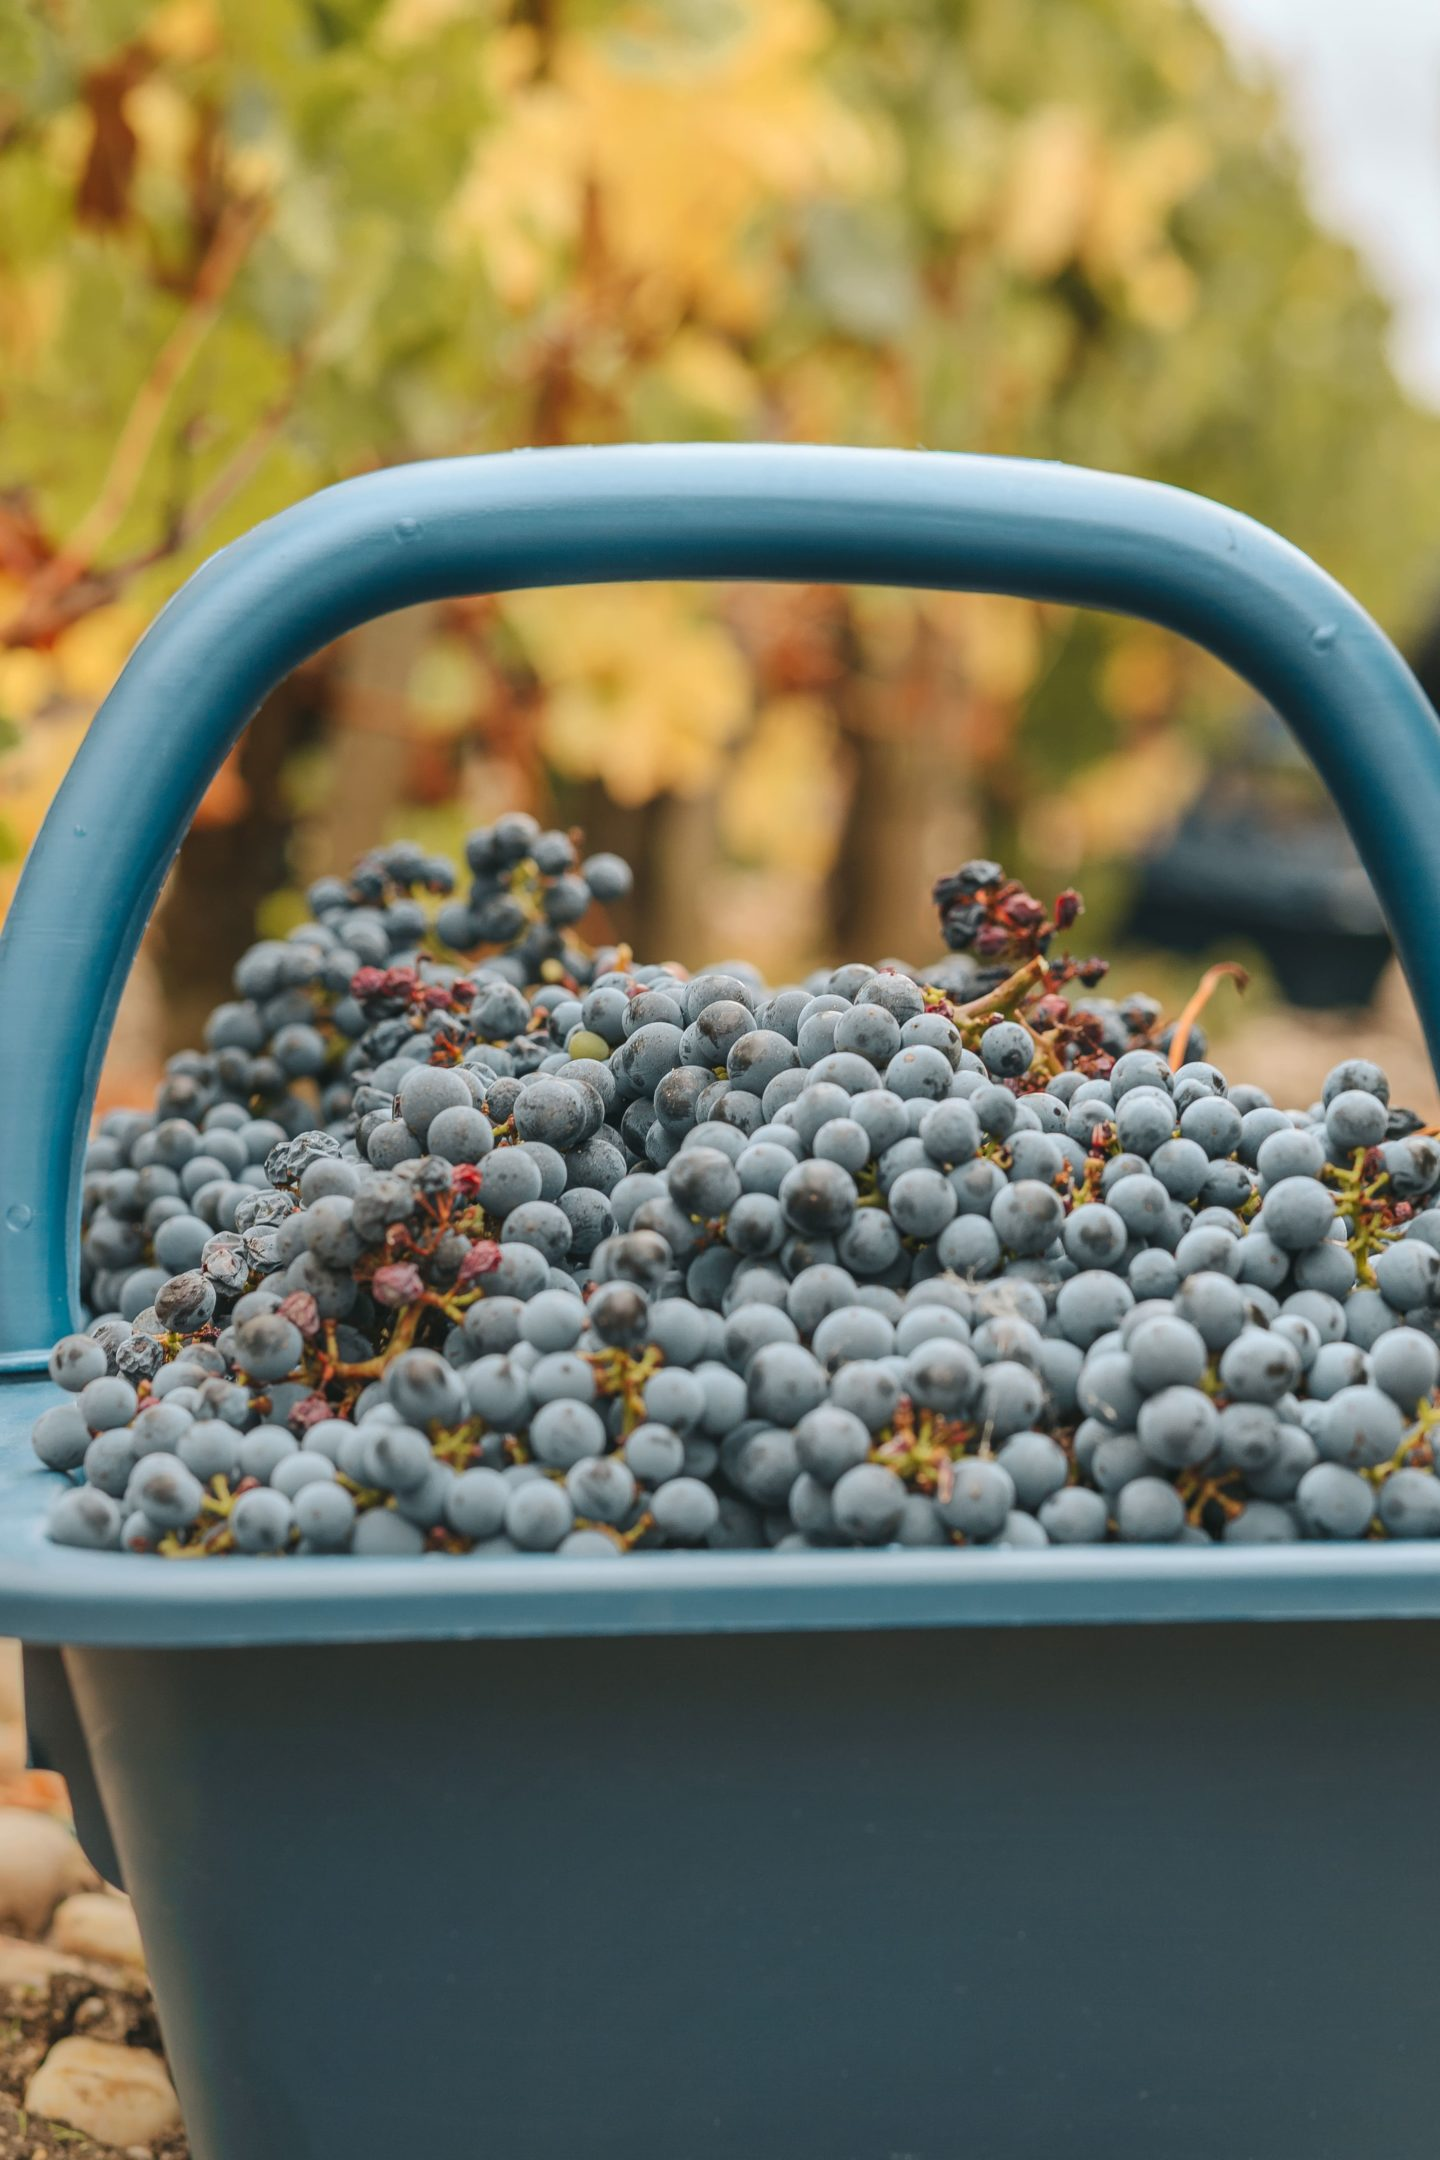 panier rempli de raisins, vendanges, médoc, Lagrange, 2019 octobre.